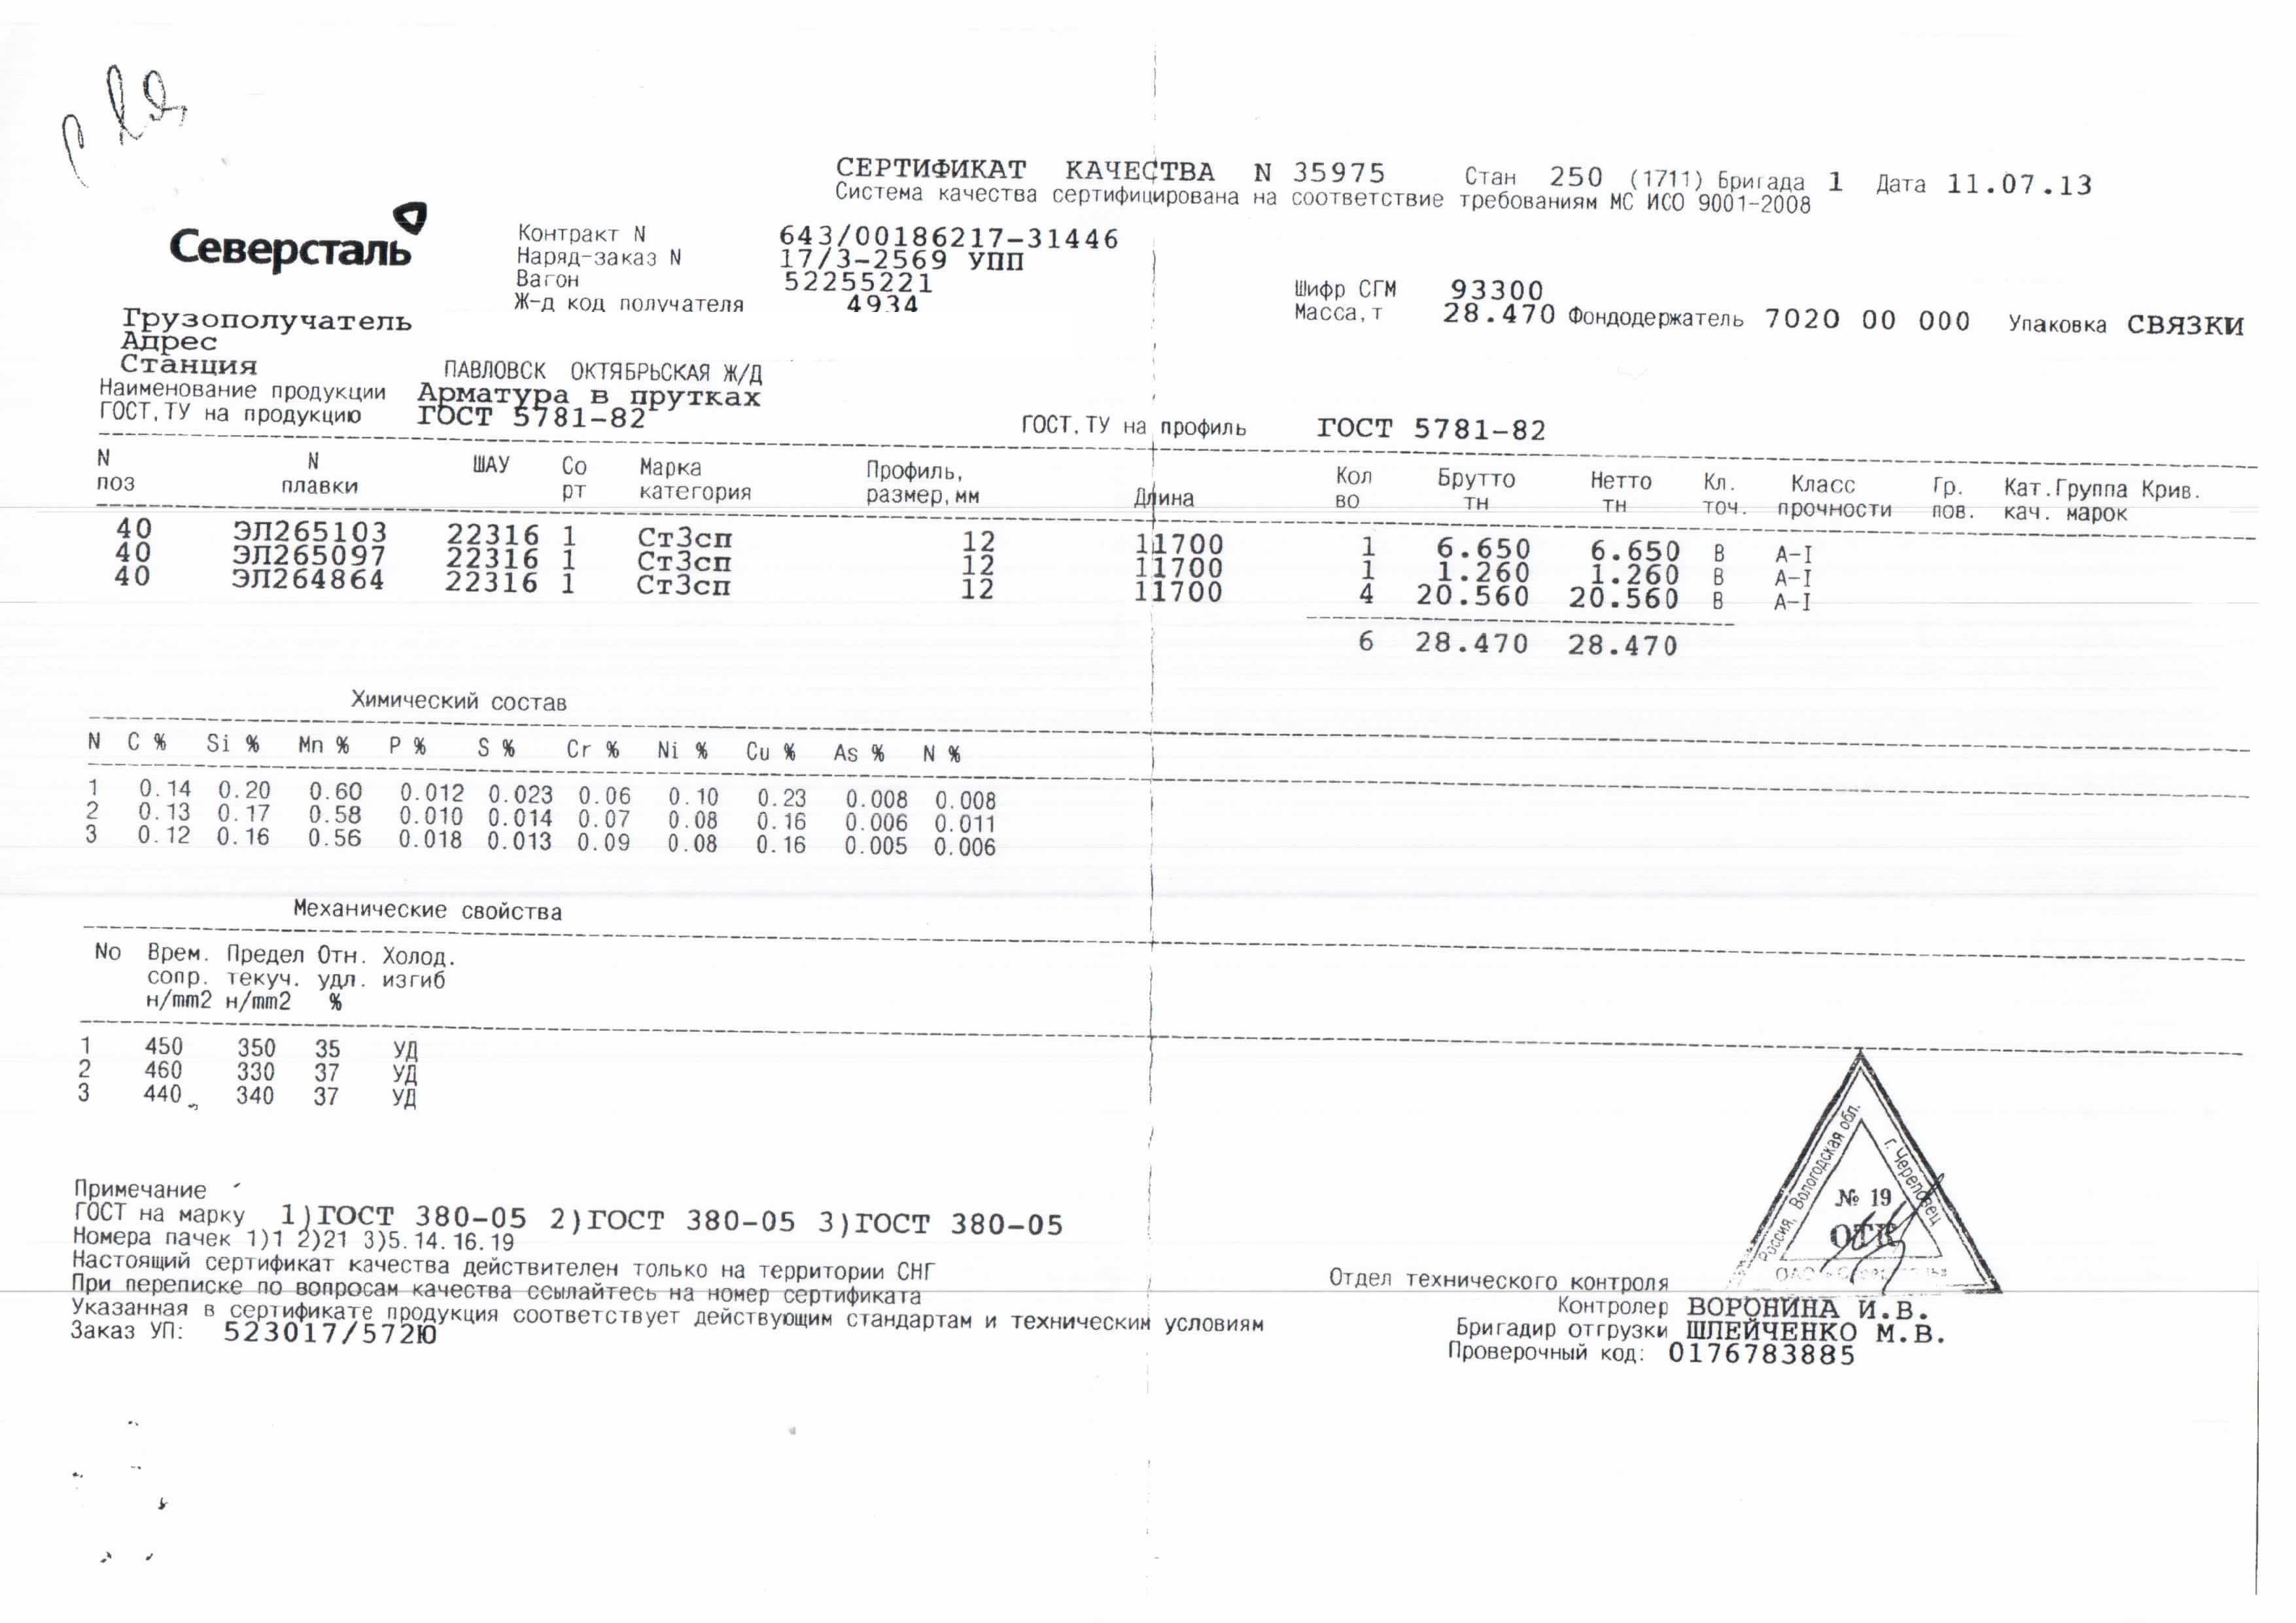 Сертификат на арматуру 16 скачать.